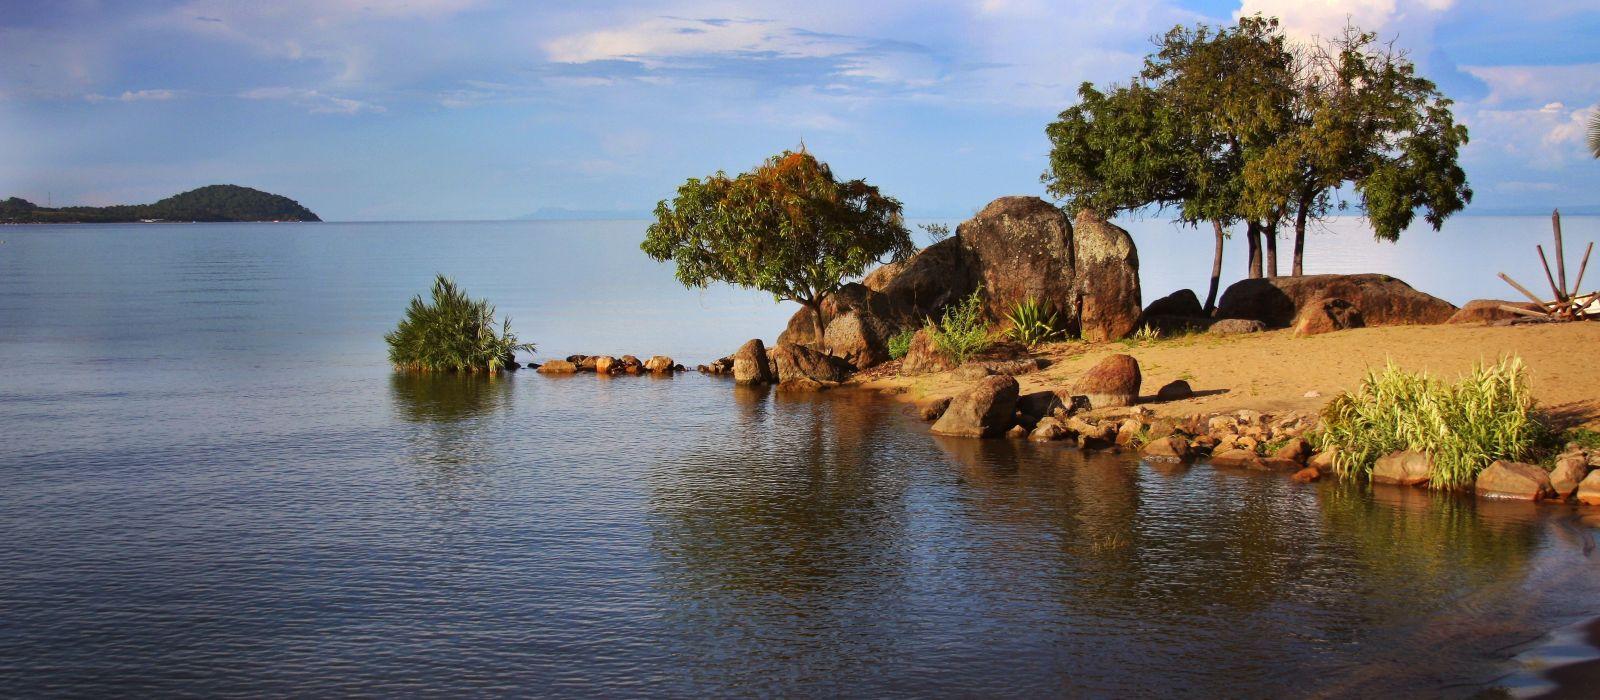 Sambia und Malawi: Viktoriafälle, Safari und See der Sterne Urlaub 5